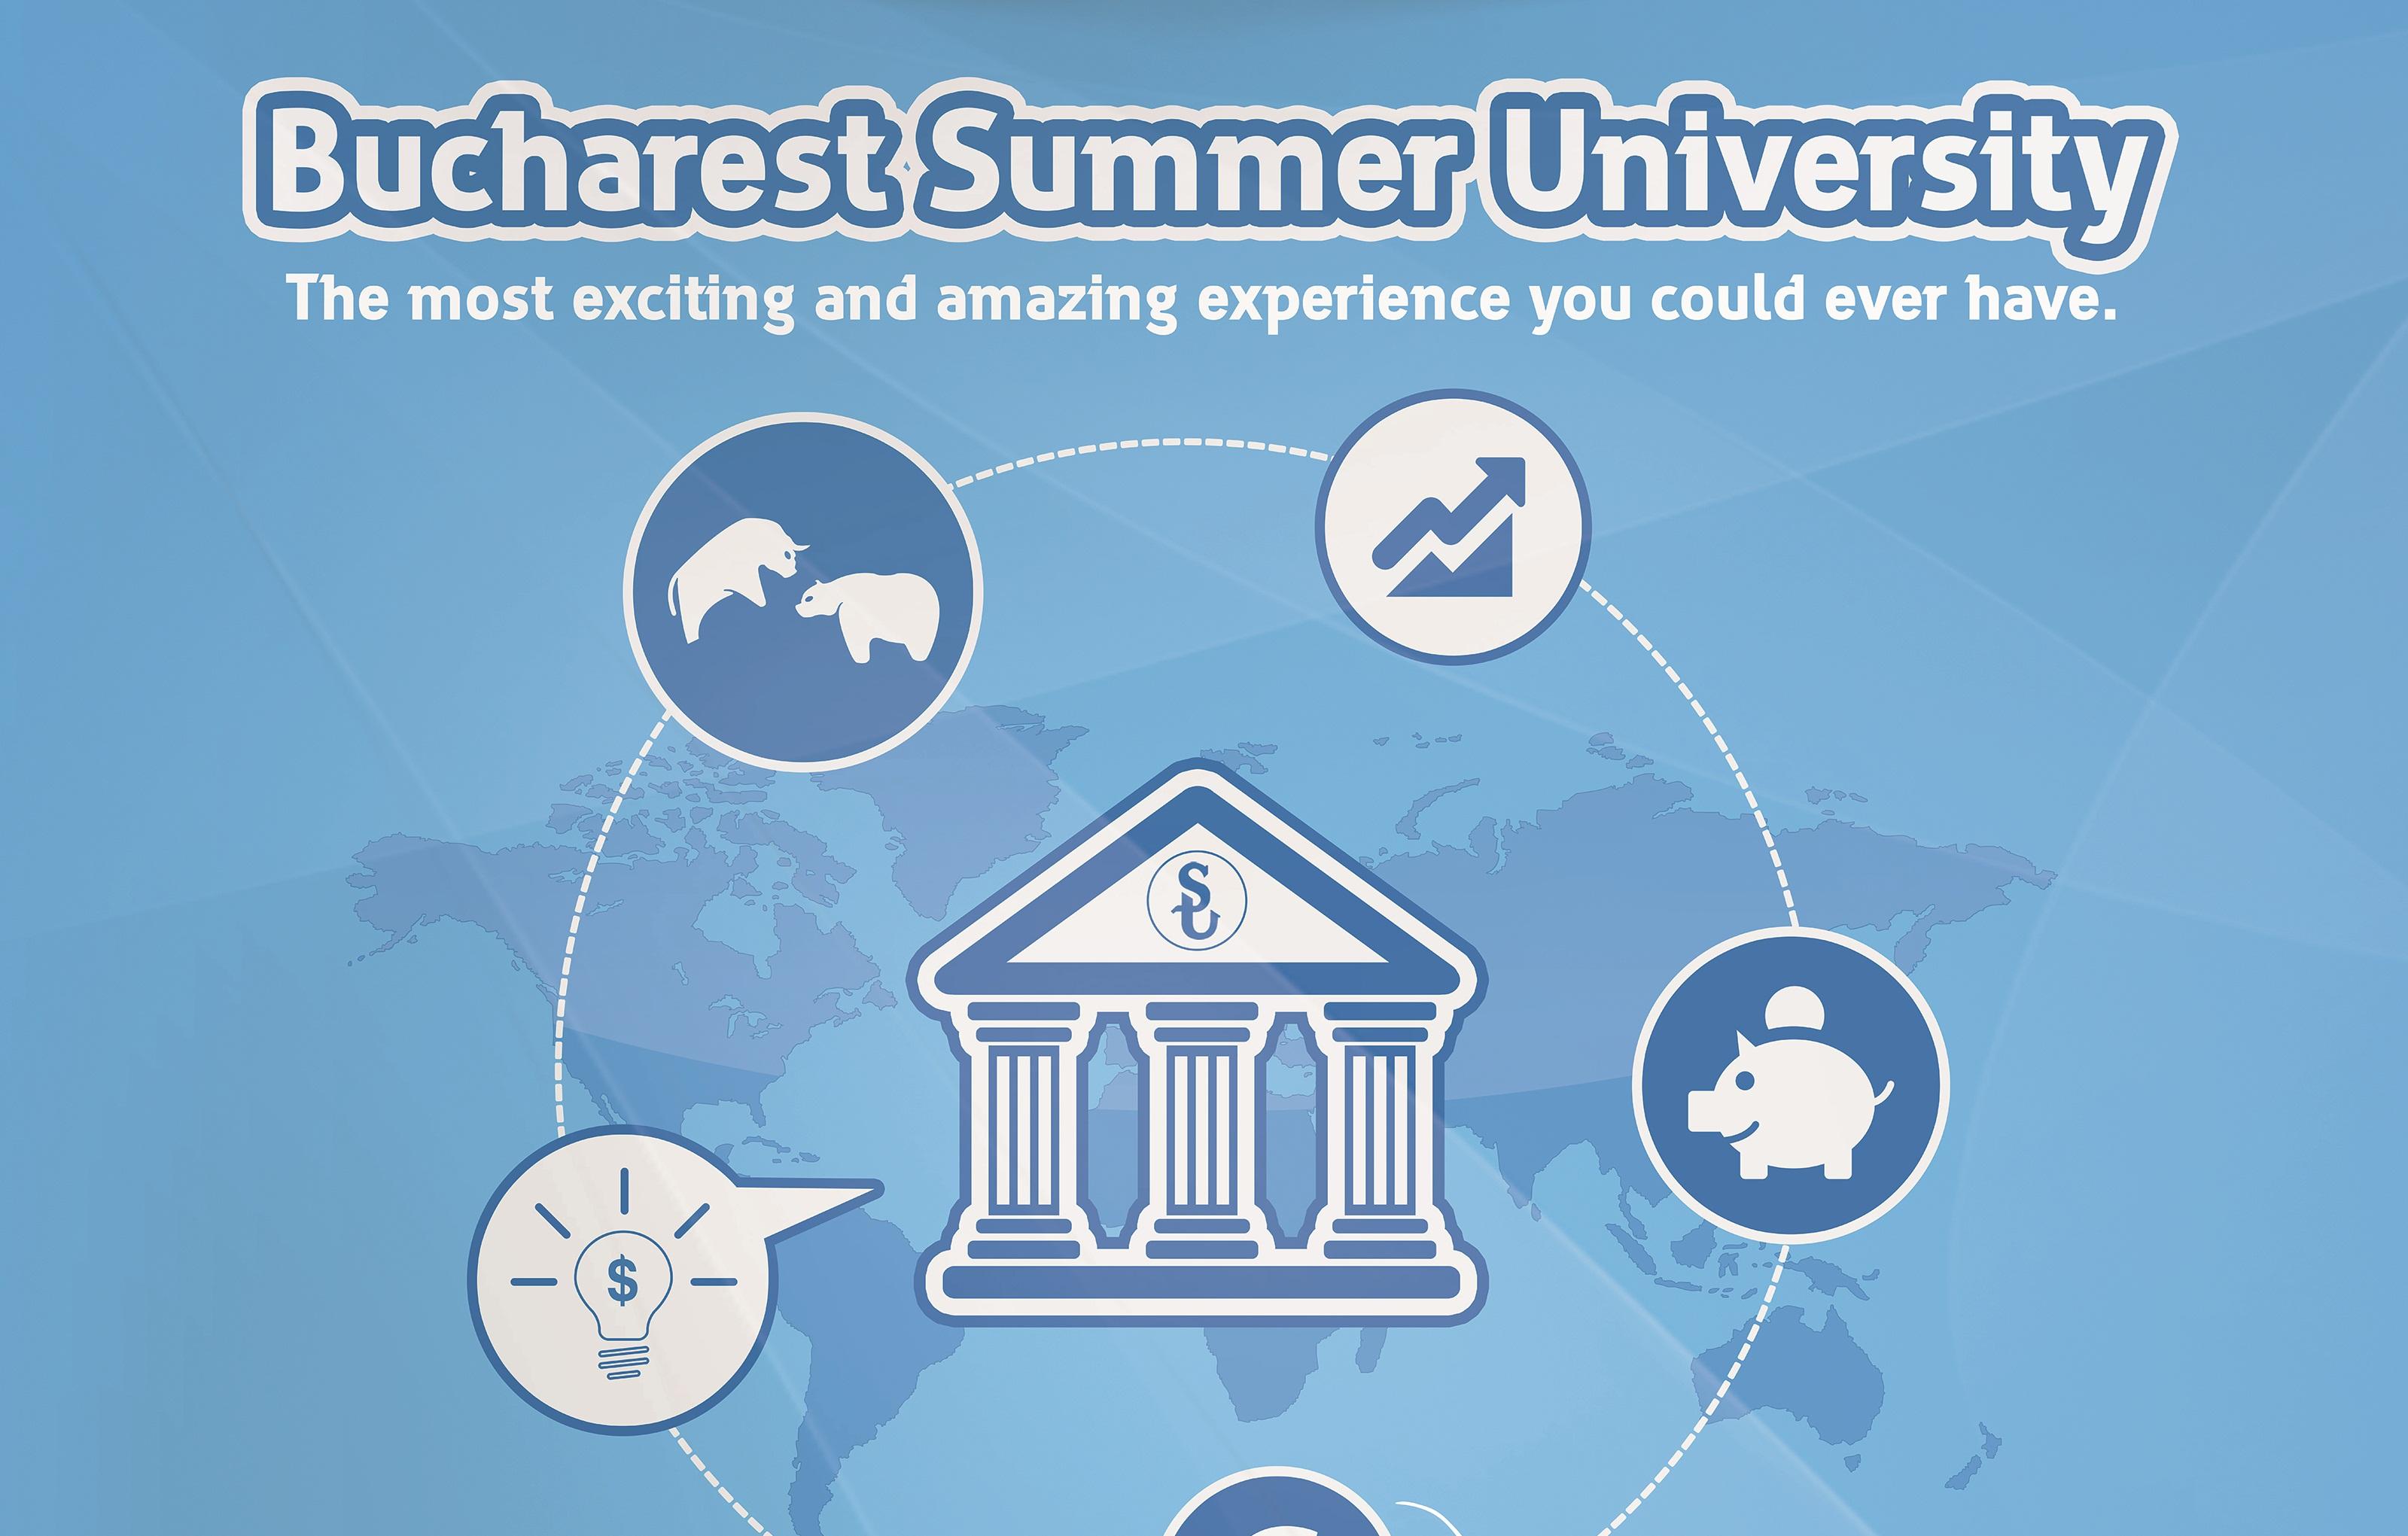 Finalizarea procesului de selecție a participanților pentru Bucharest Summer University 2014